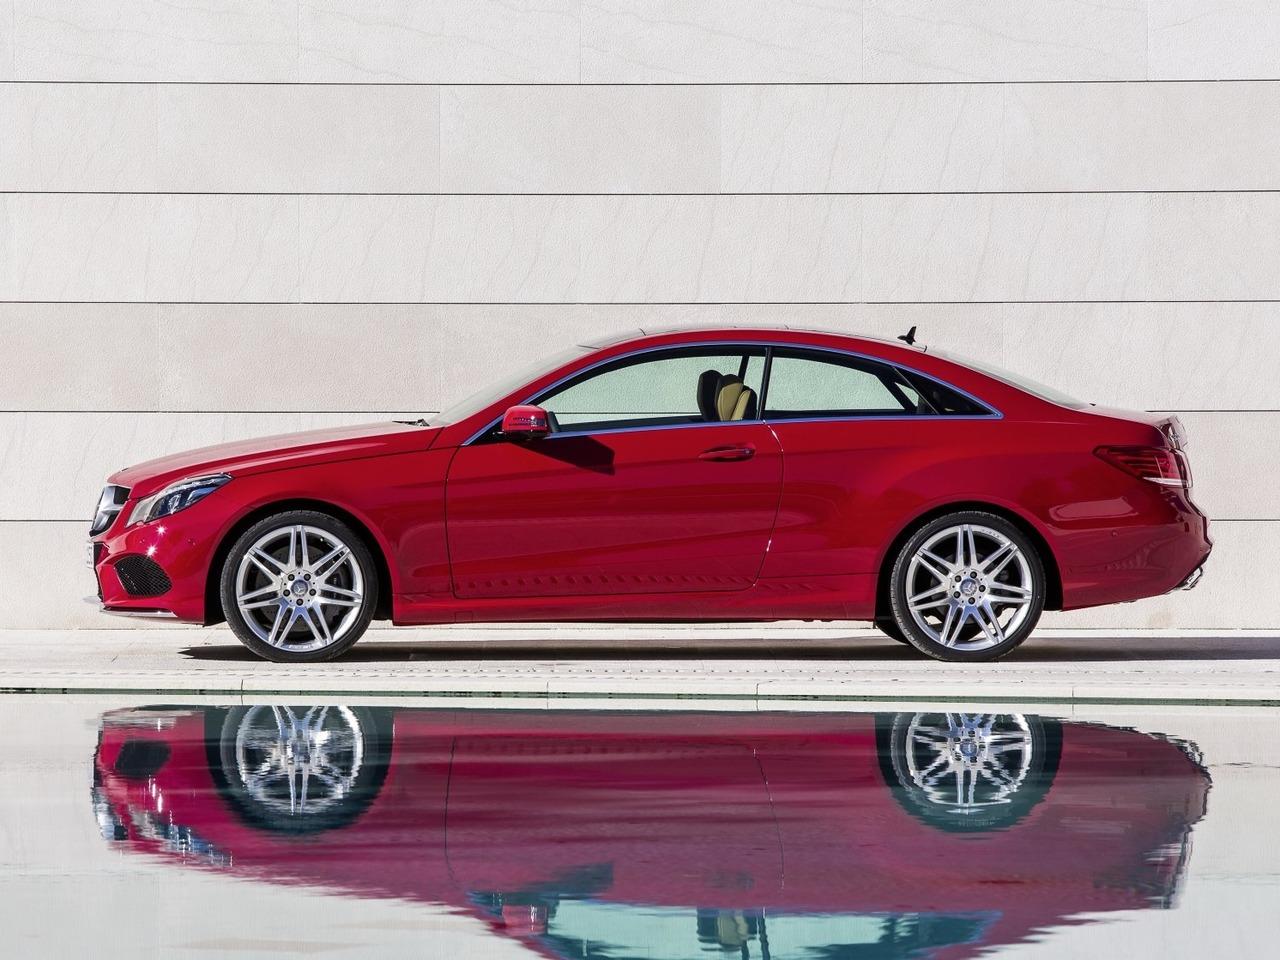 Снимки: Mercedes-benz E-klasse Coupe (c207) Facelift